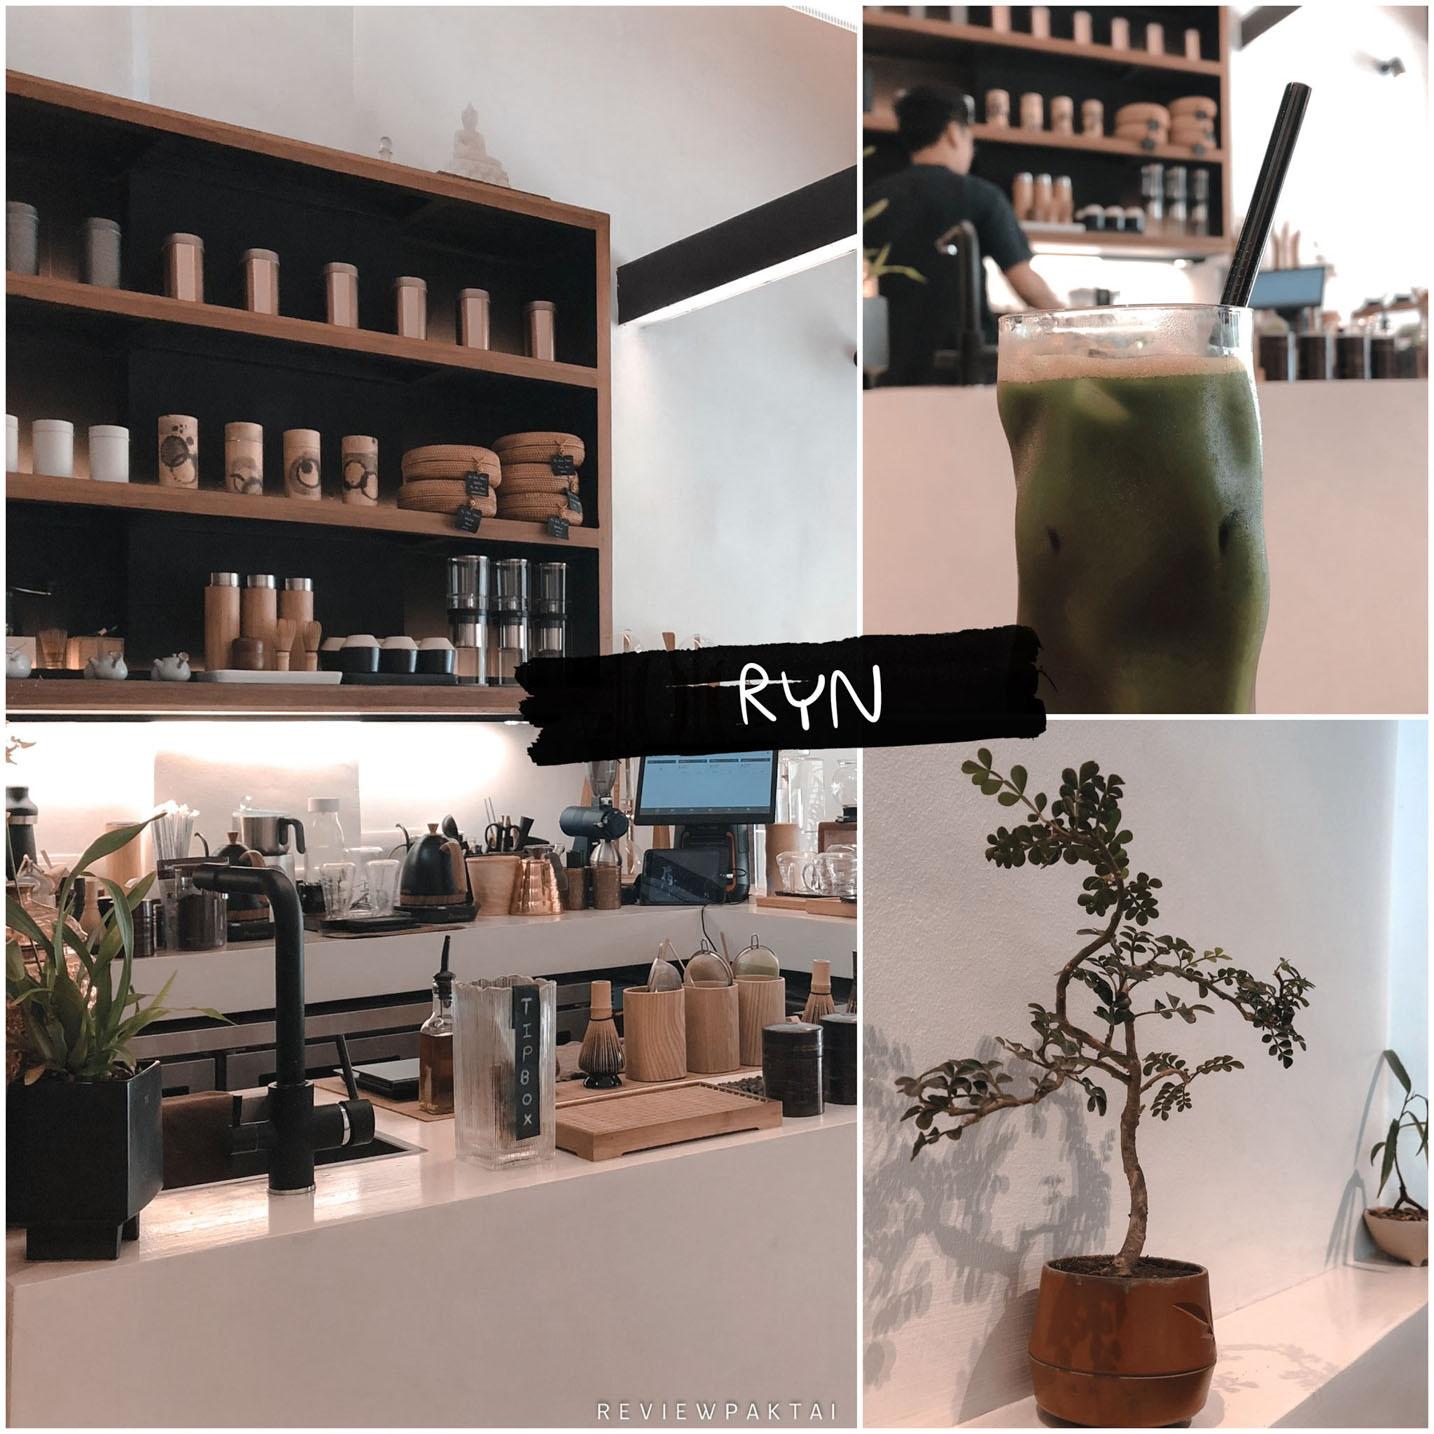 ร้านสไตล์ญี่ปุ่นในภูเก็ตต้องร้อน Ryn-Authentic Tea & Slow Drop Coffee เหมาะกับการเช็คอินเป็นที่สุดดดด